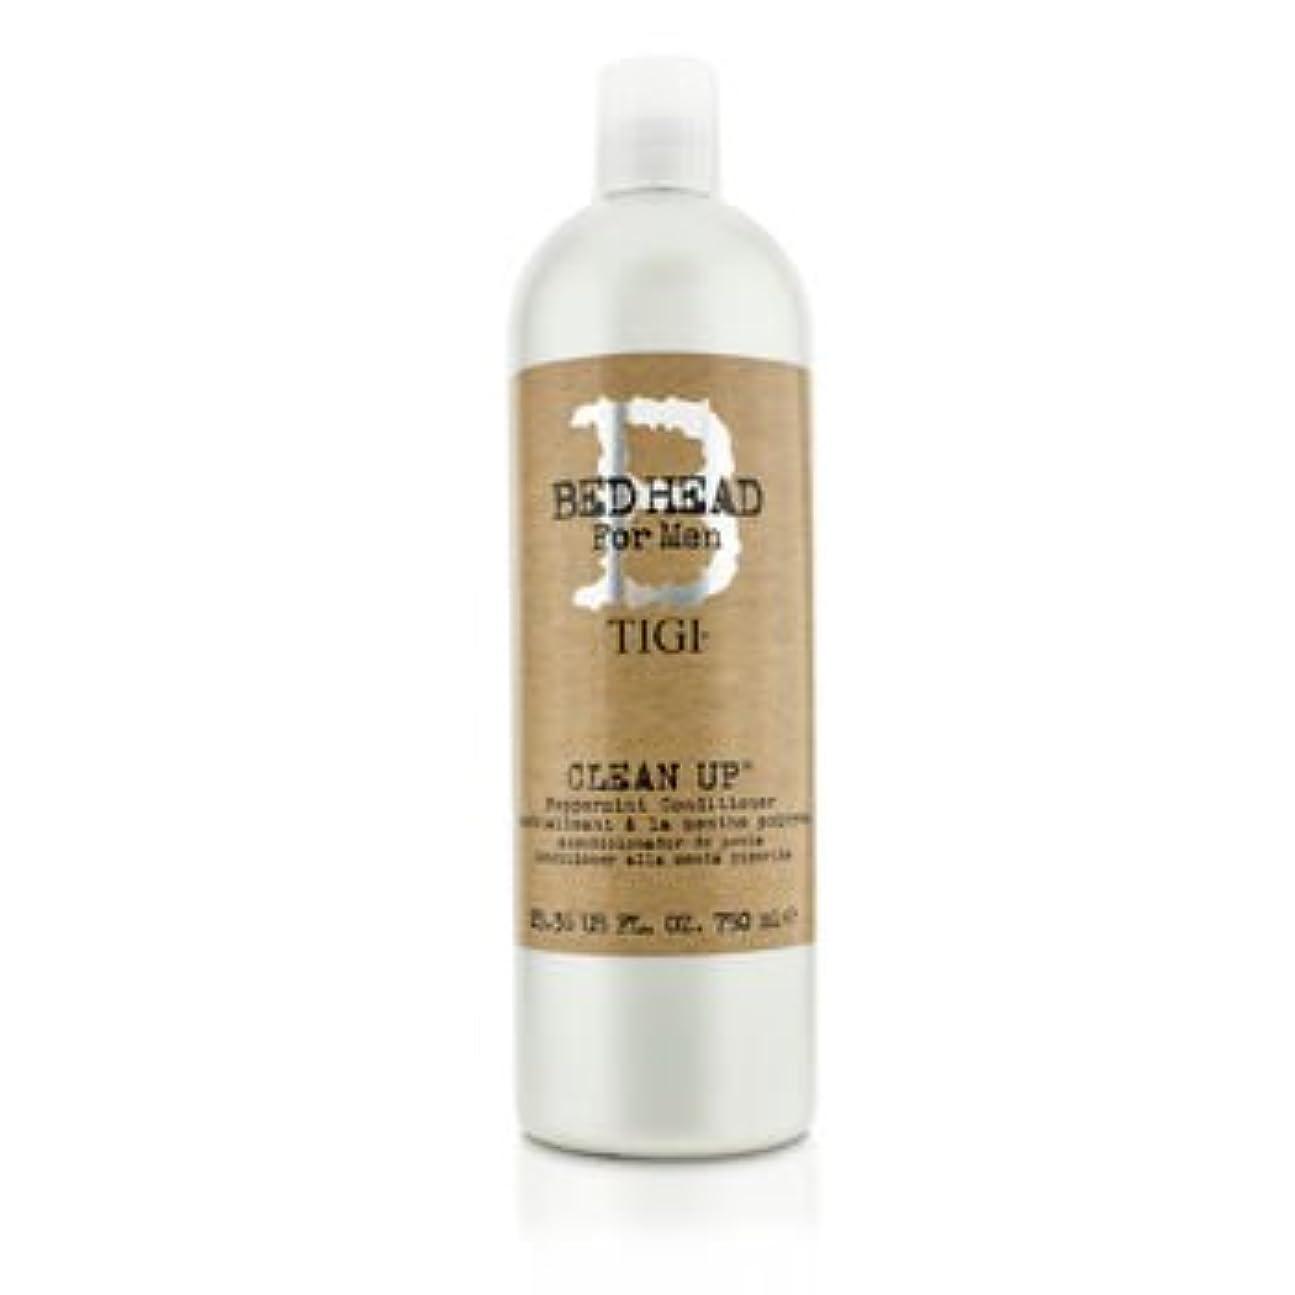 遷移引退する船員[Tigi] Bed Head B For Men Clean Up Peppermint Conditioner 750ml/25.36oz